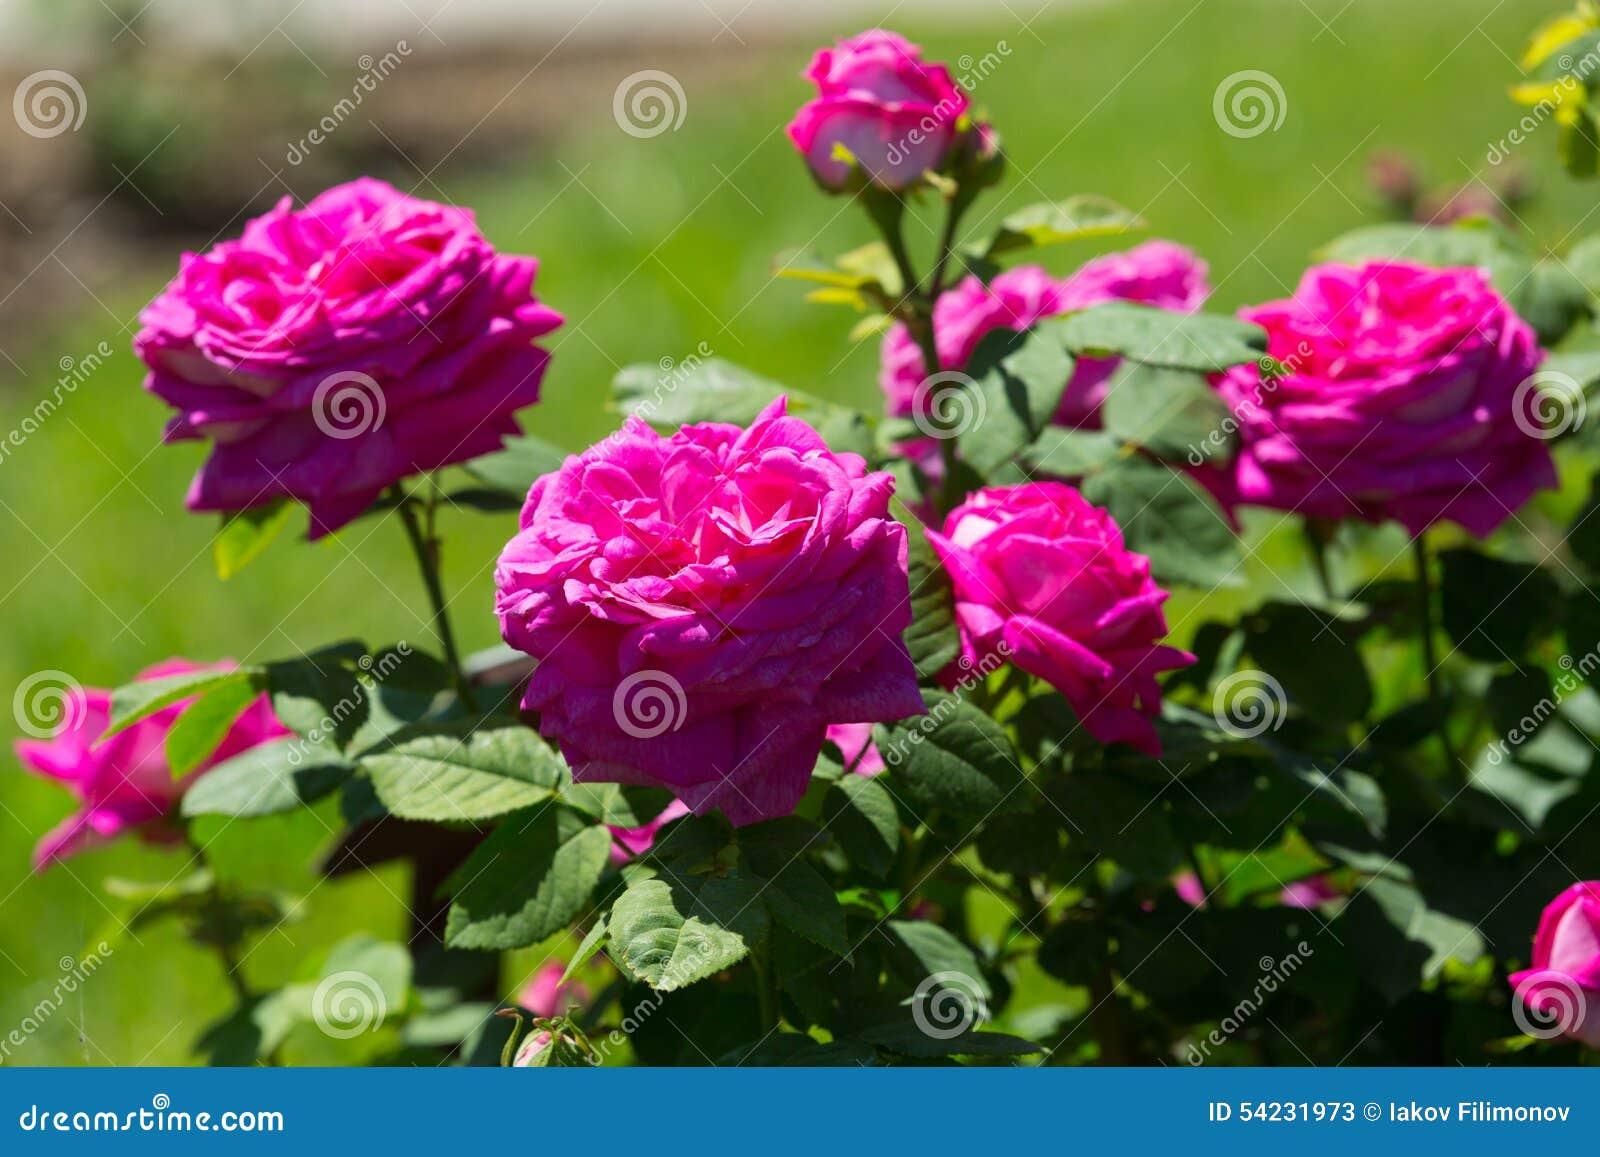 Pianta delle rose di rosa in primavera fotografia stock for Pianta rosa